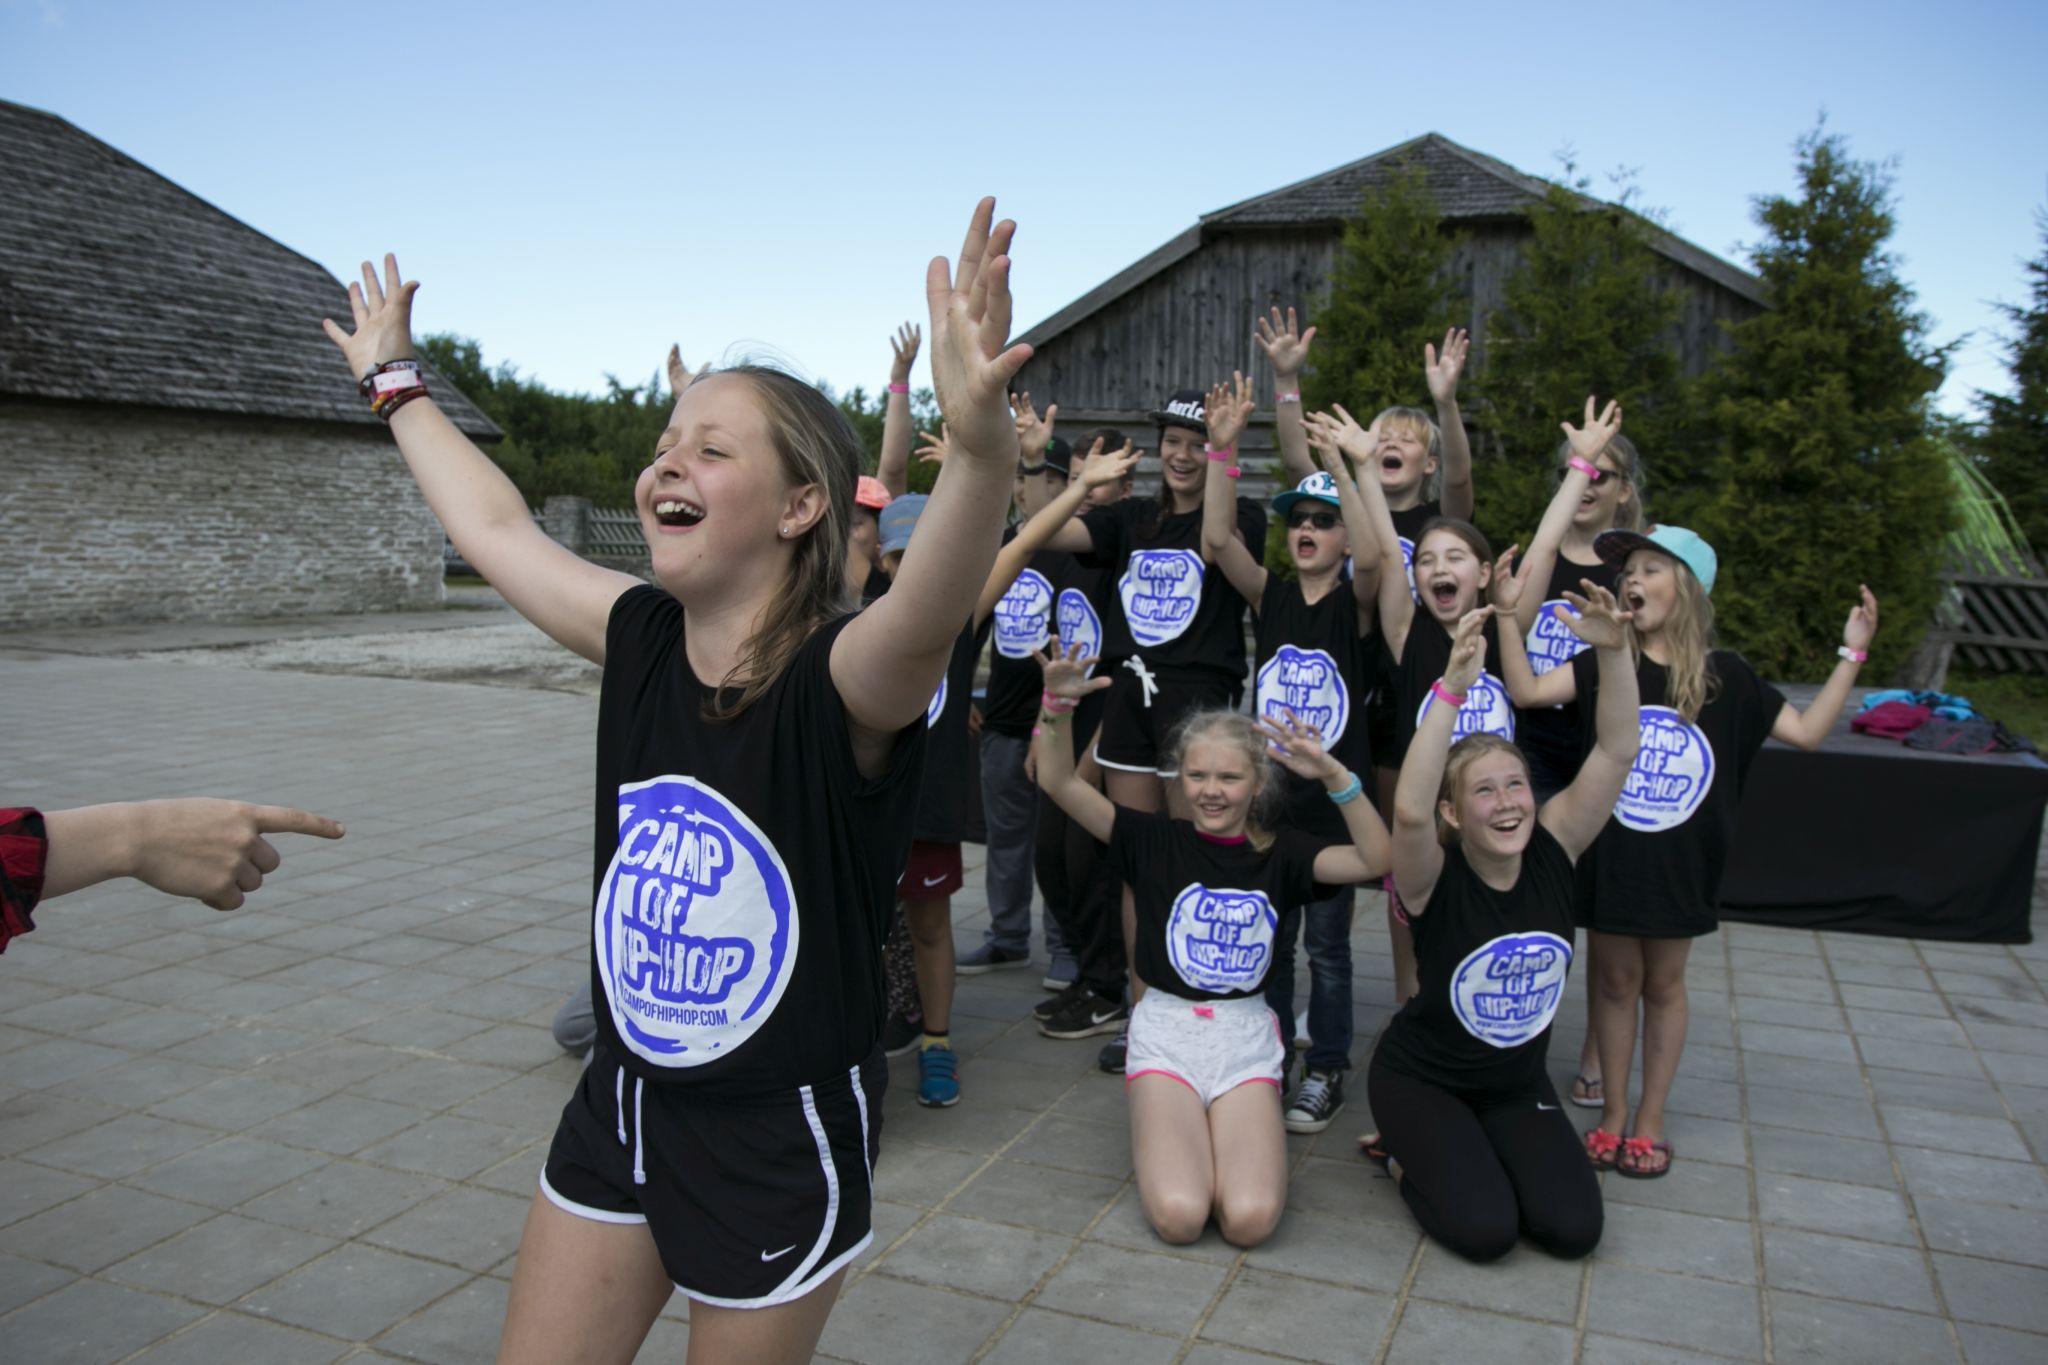 FOTOD! Ja hakkaski pihta! Liipa Talus avati Camp of Hip-Hop noortelaager